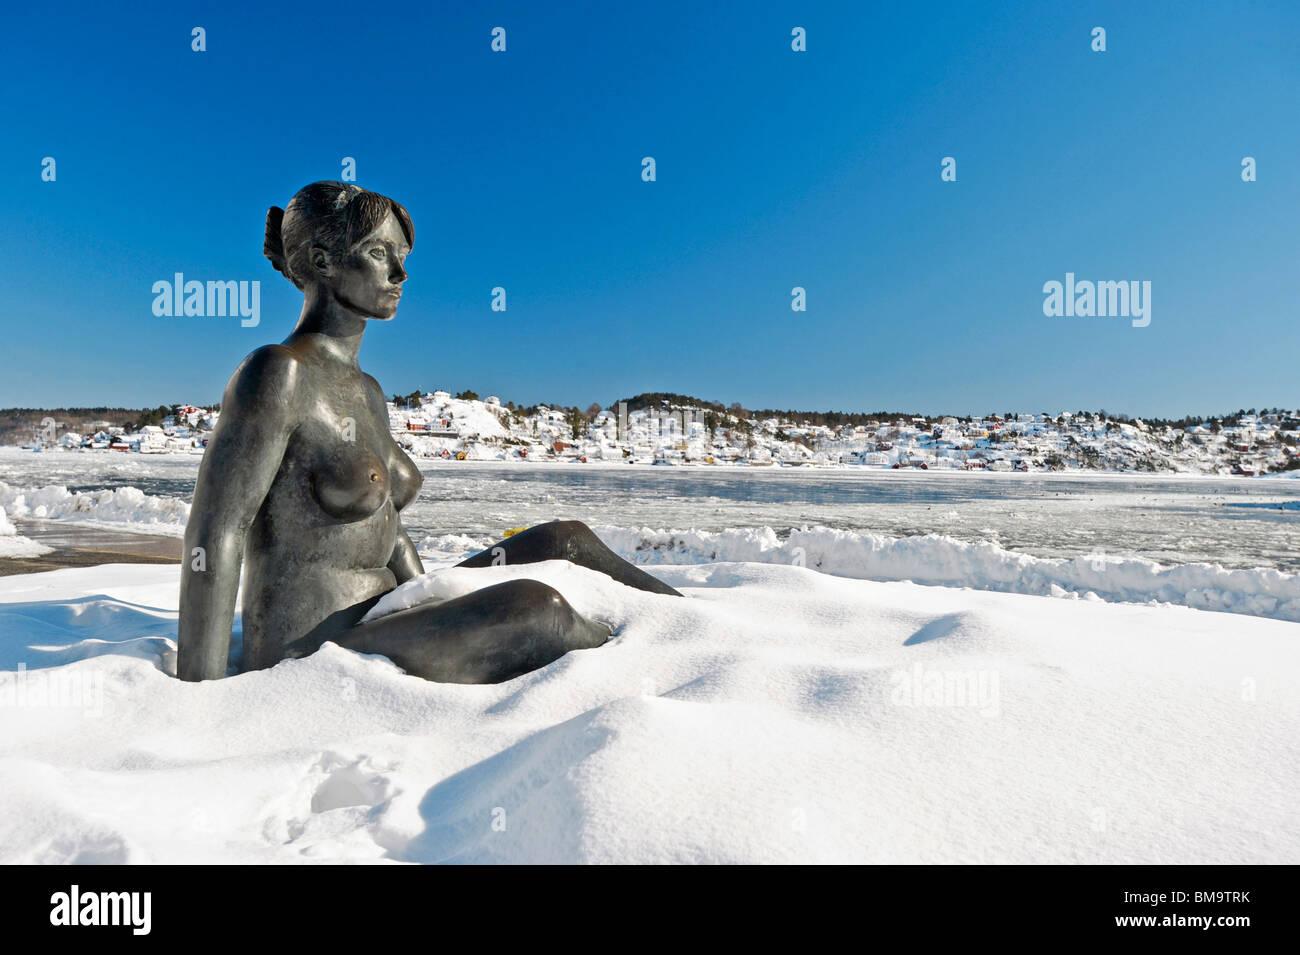 Statue im tiefen Winterschnee an der Uferpromenade in Arendal mit Blick über das gefrorene Wasser des Hafens Stockbild